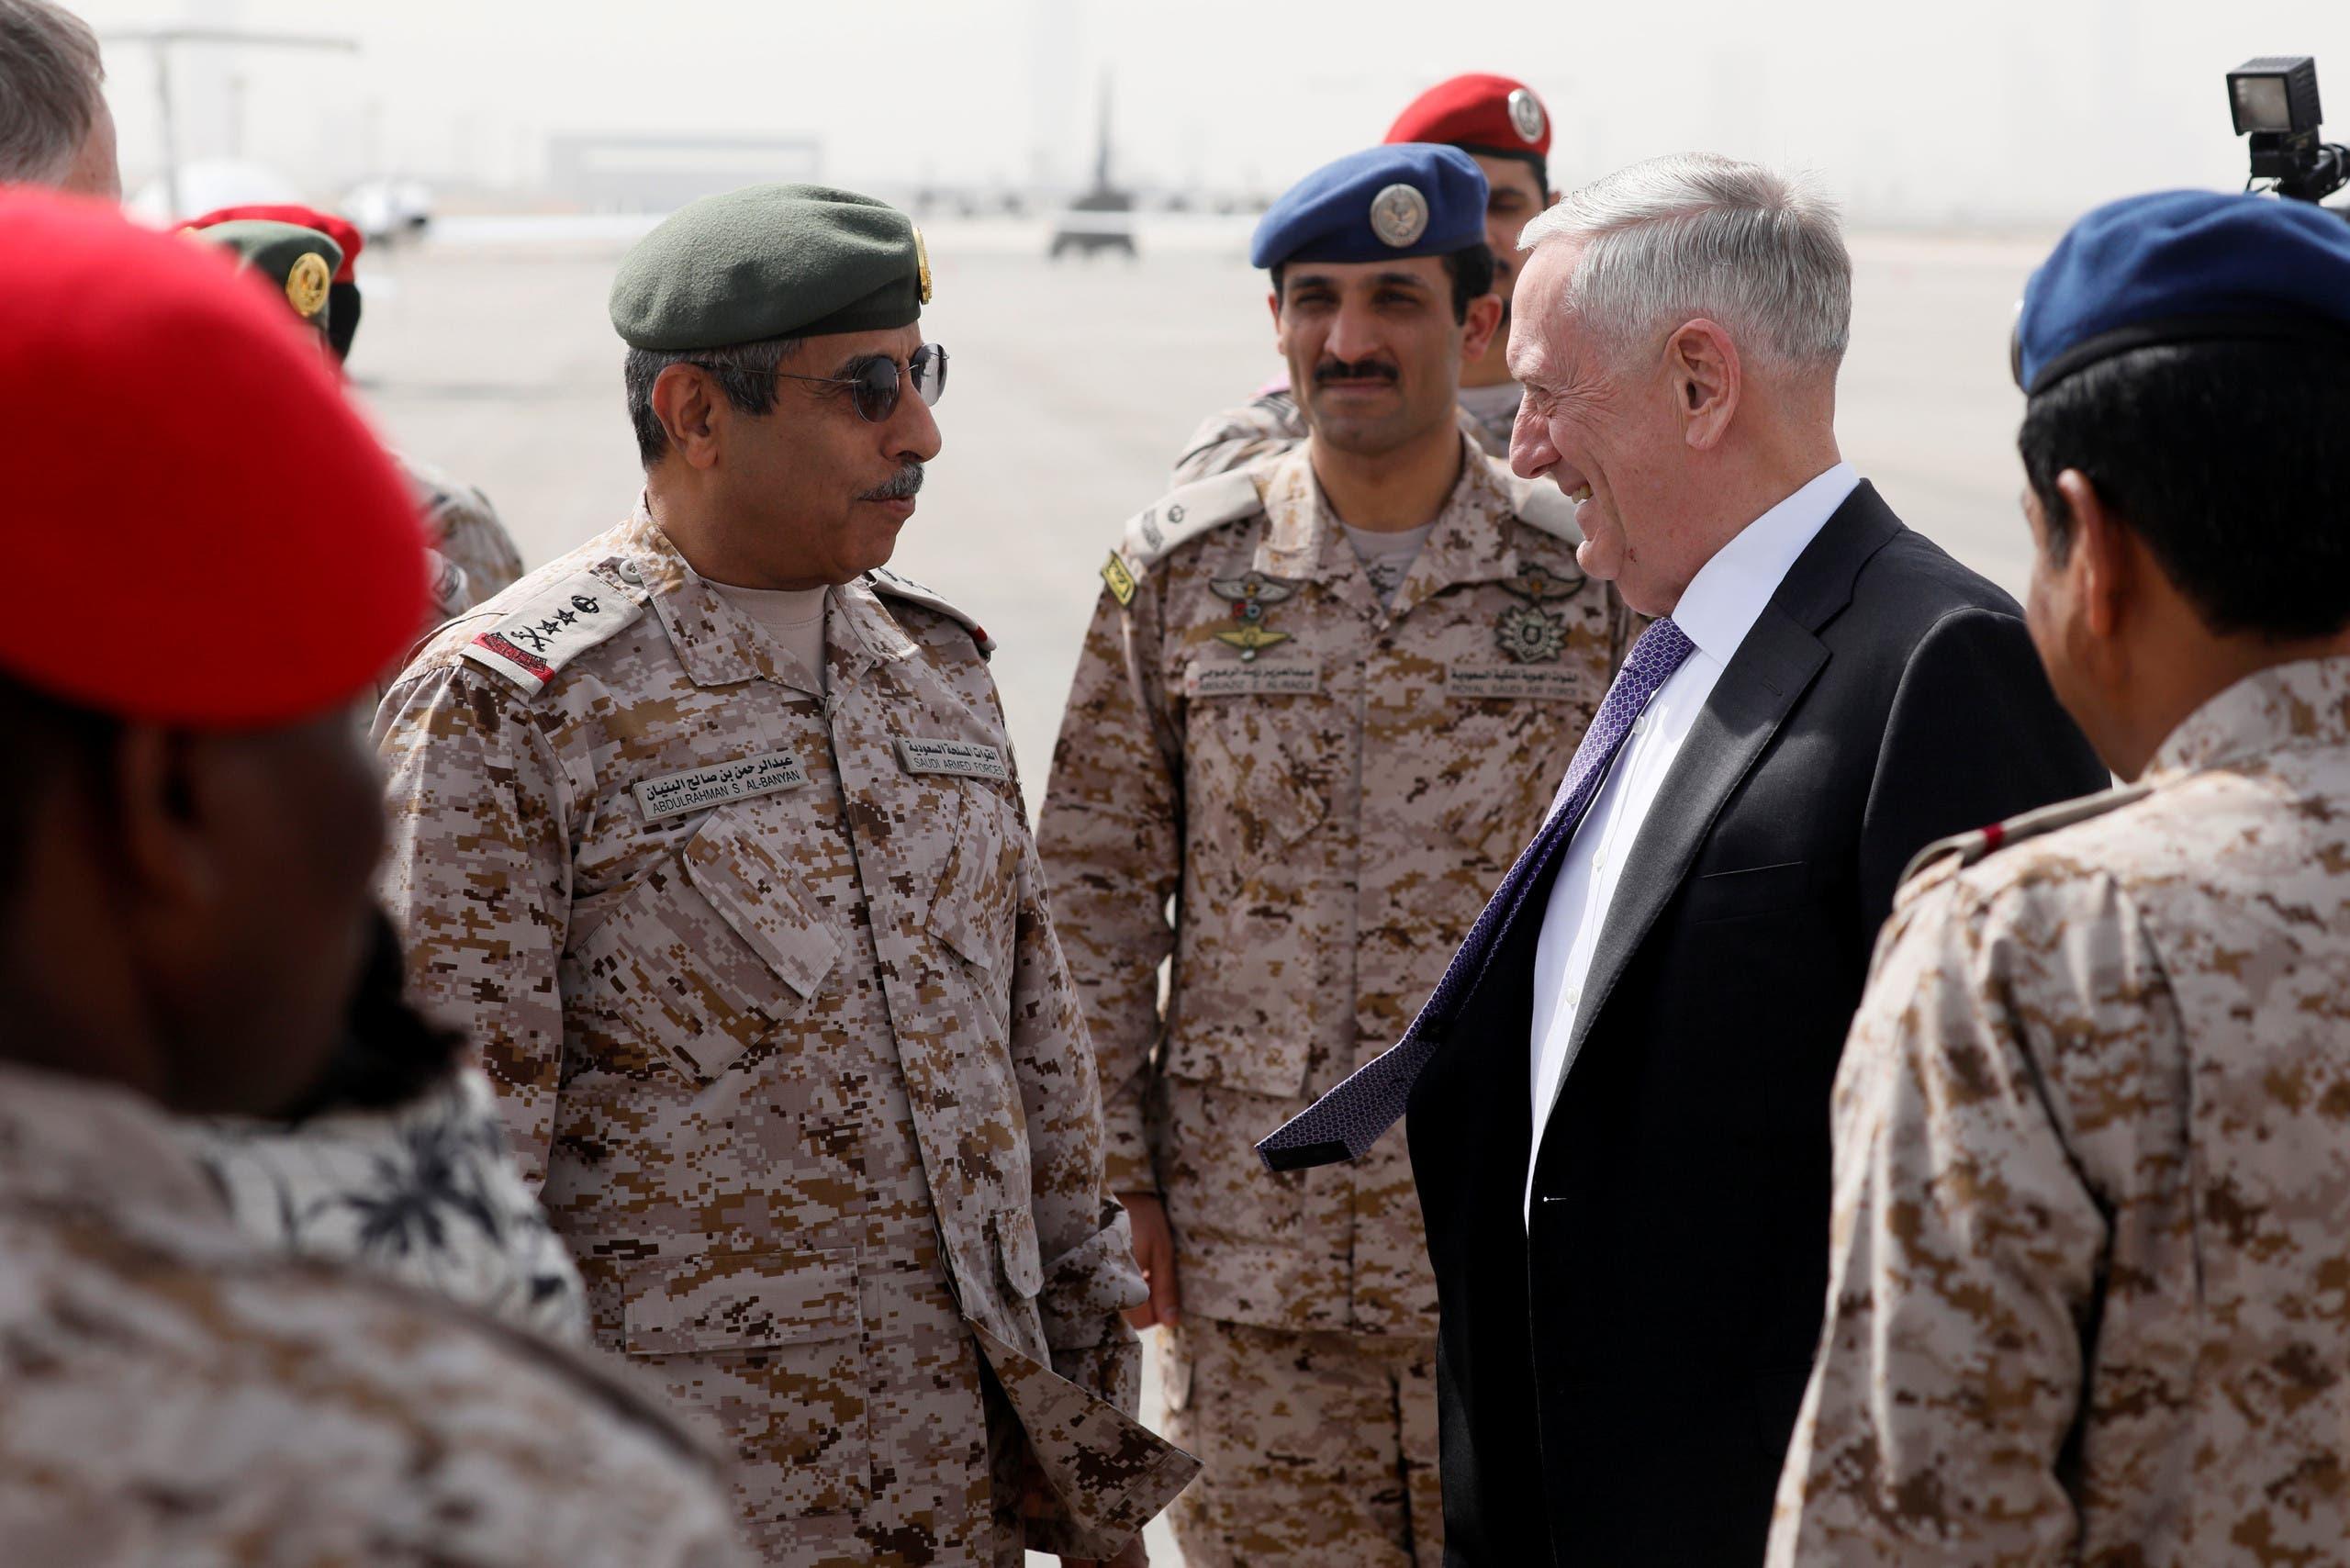 رئيس هيئة الأركان السعودي عبدالرحمن البنيان كان في استقبال ماتيس